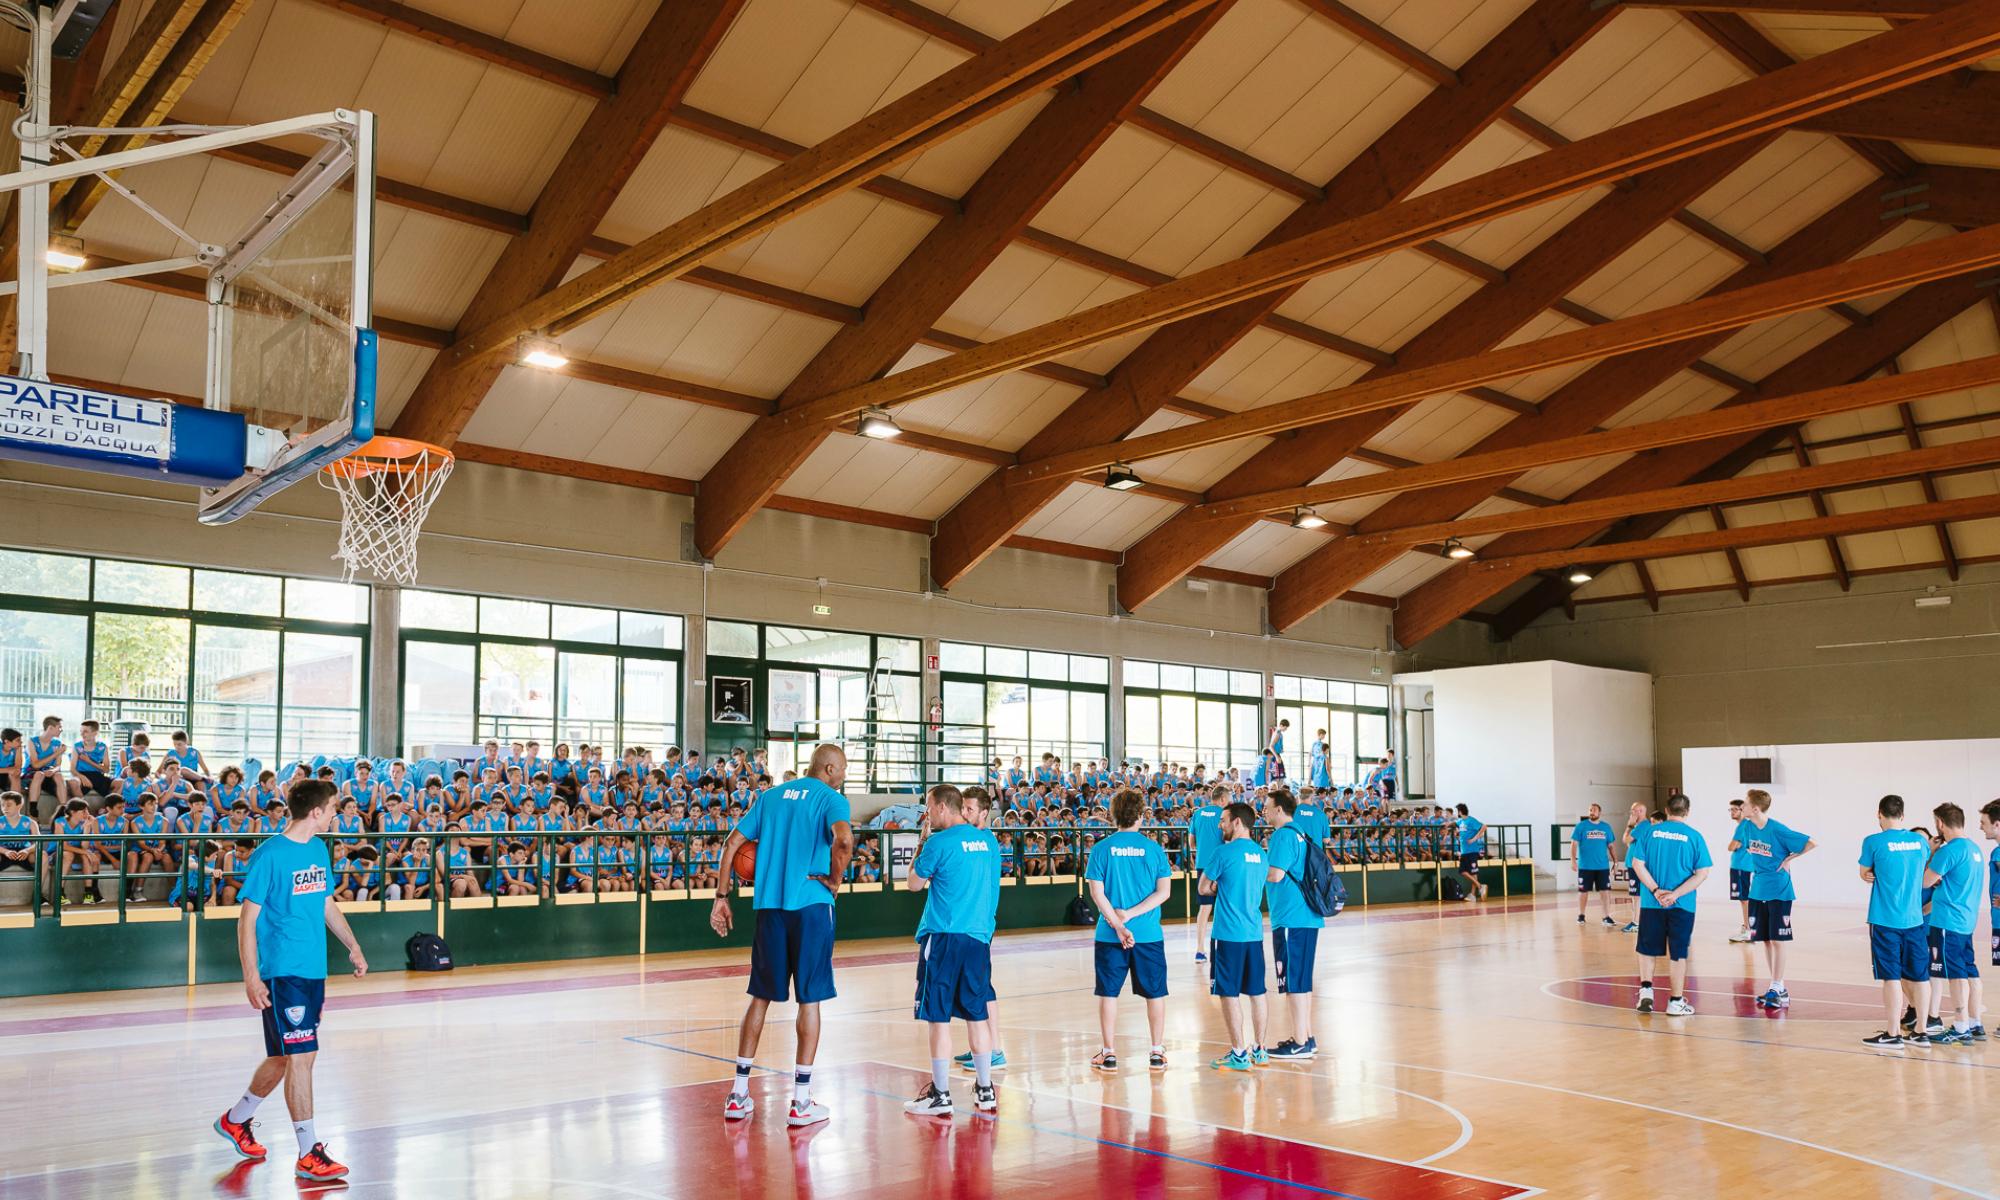 Le premiazioni del day camp al centro sportivo toto caimi for Centro sportivo le piscine